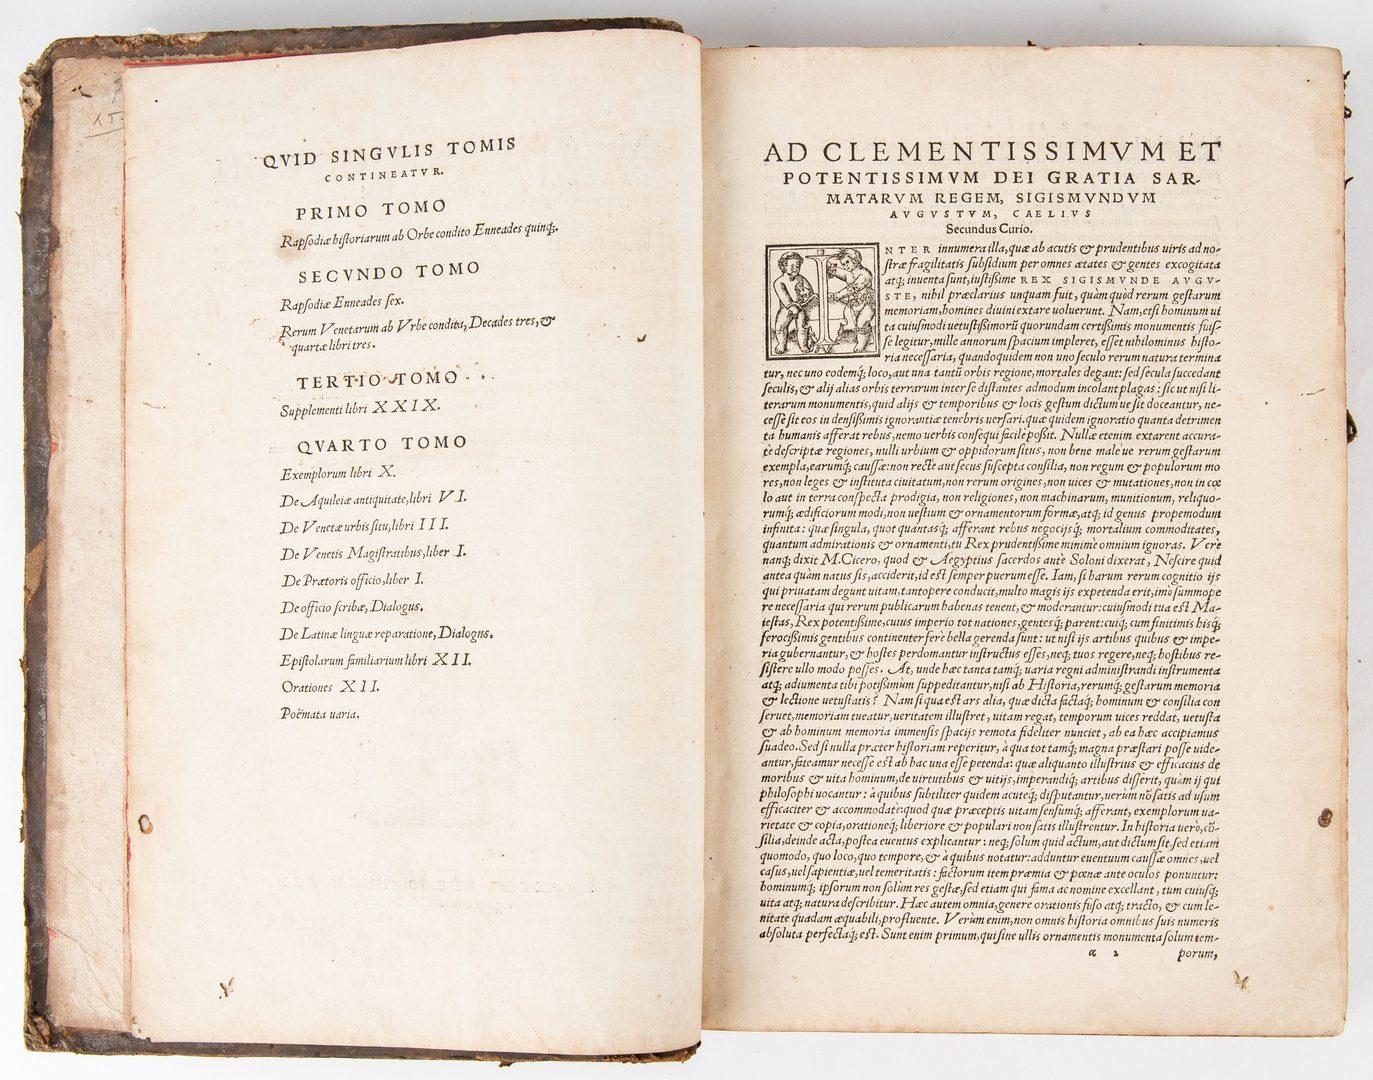 Lot 740: Sabelicy Opera Omnia, Vol. I-III, 1560